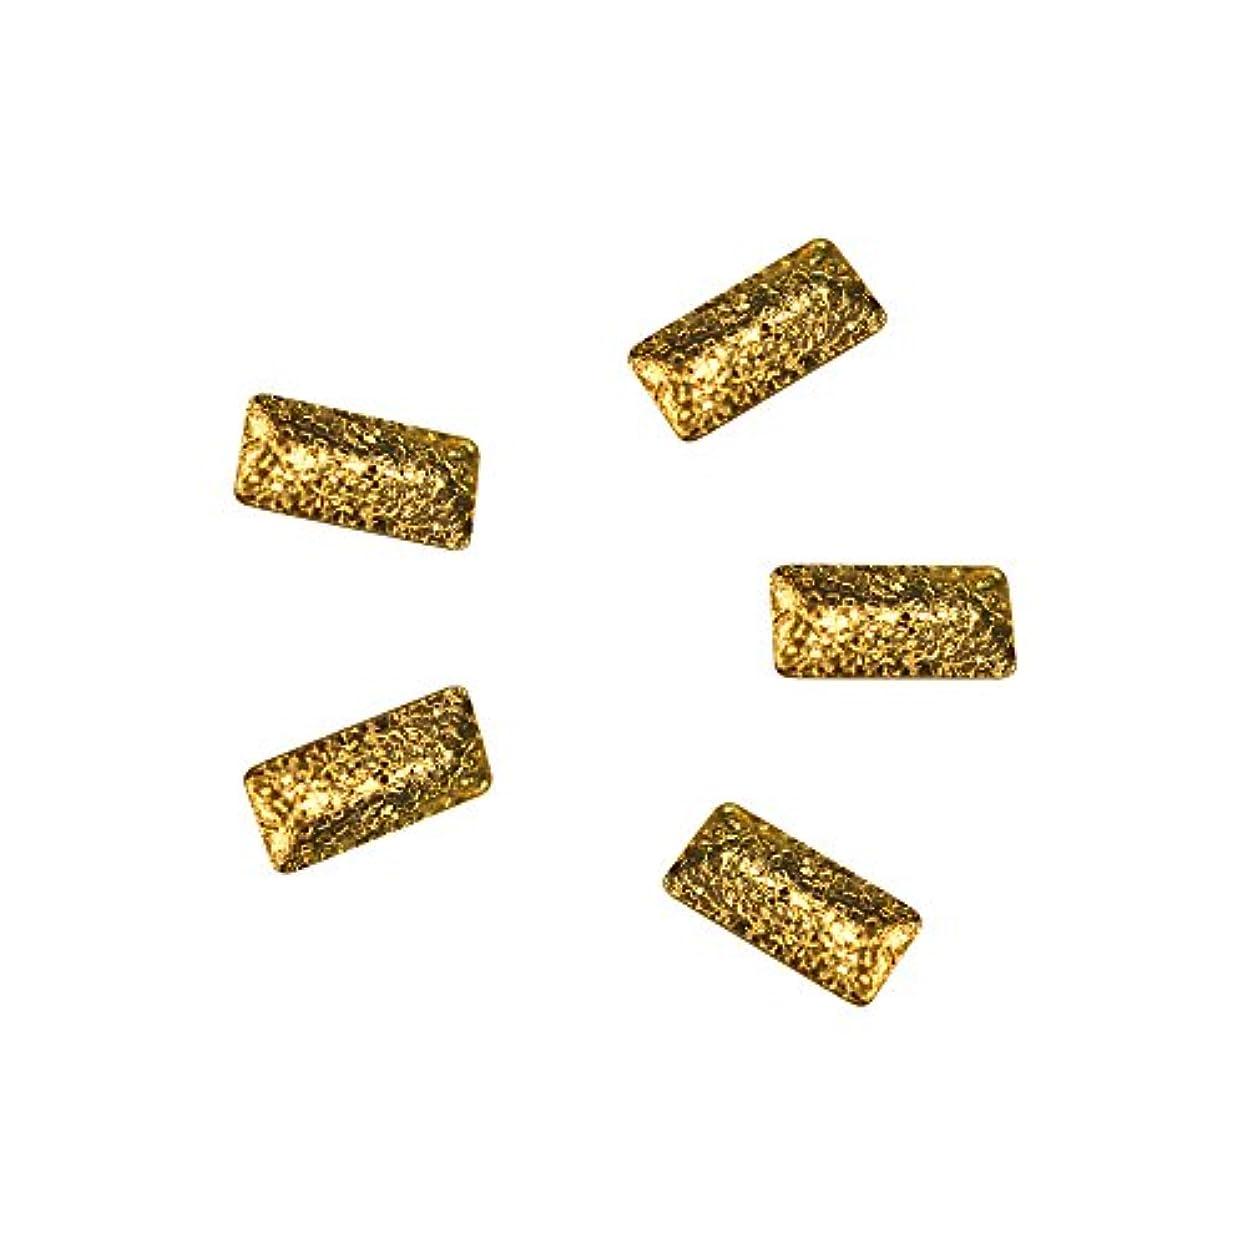 迷信翻訳パースブラックボロウBonnail ラフスタッズゴールド レクタングル 3×1.2mm 30P